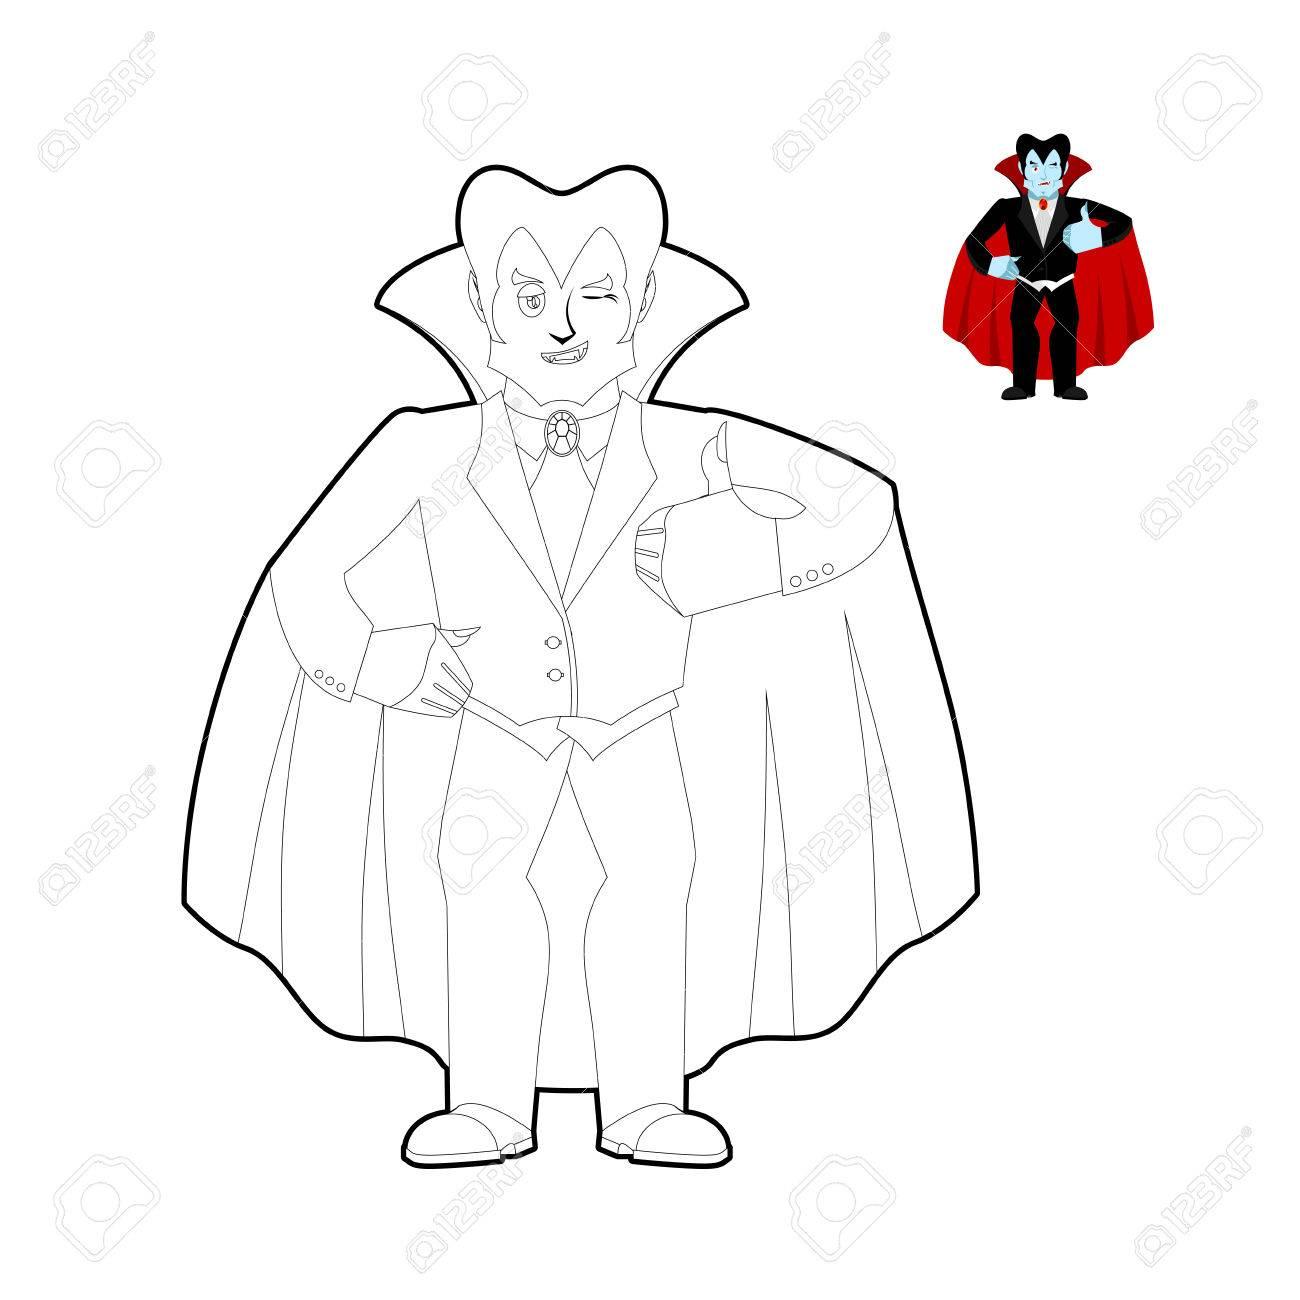 Libro Para Colorear Drácula. La Cuenta Del Vampiro En Estilo Lineal ...